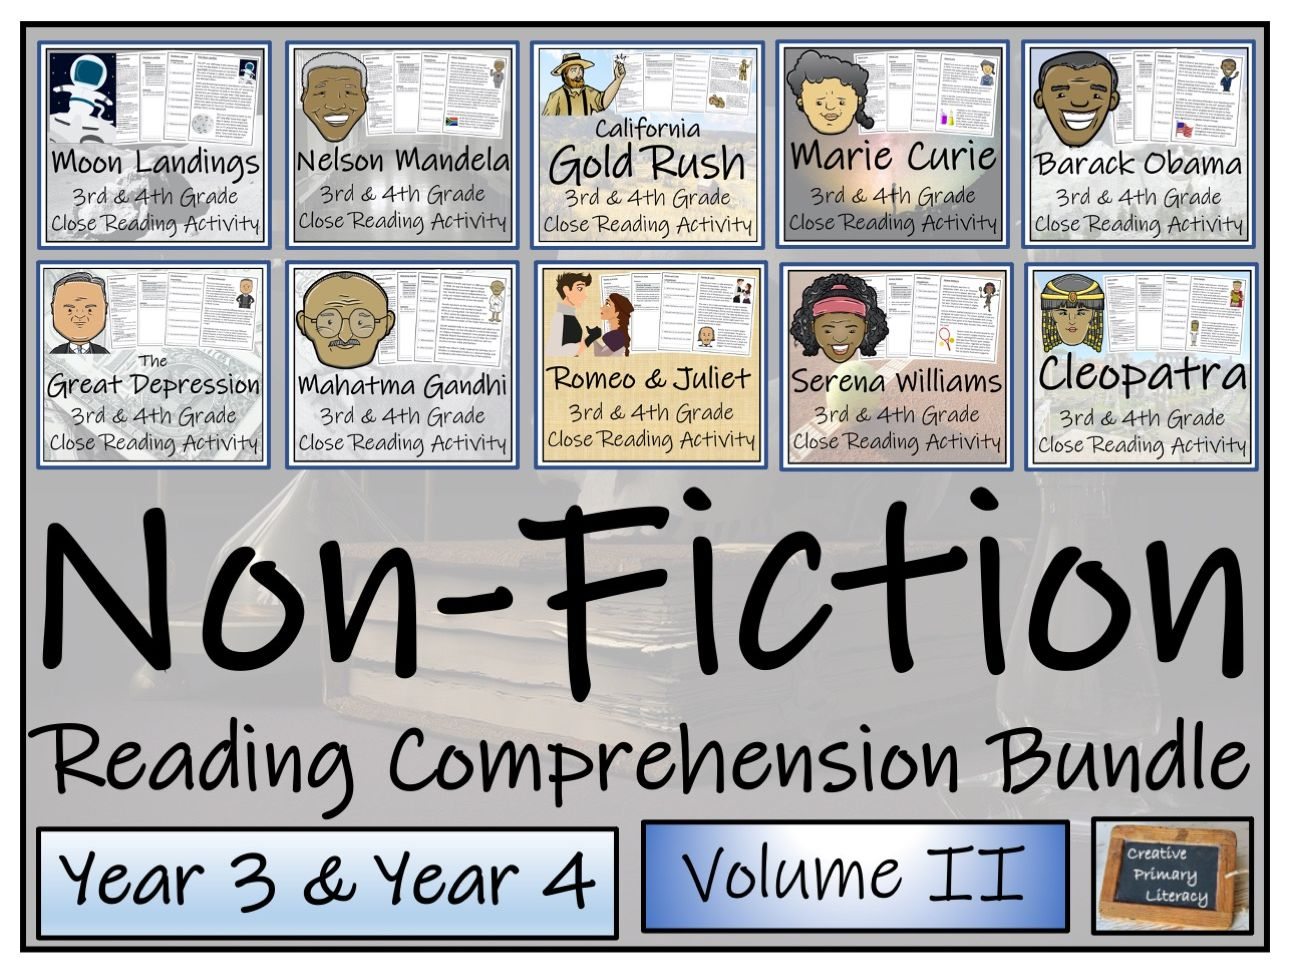 LKS2 Non-Fiction Volume 2 Reading Comprehension Activity Bundle